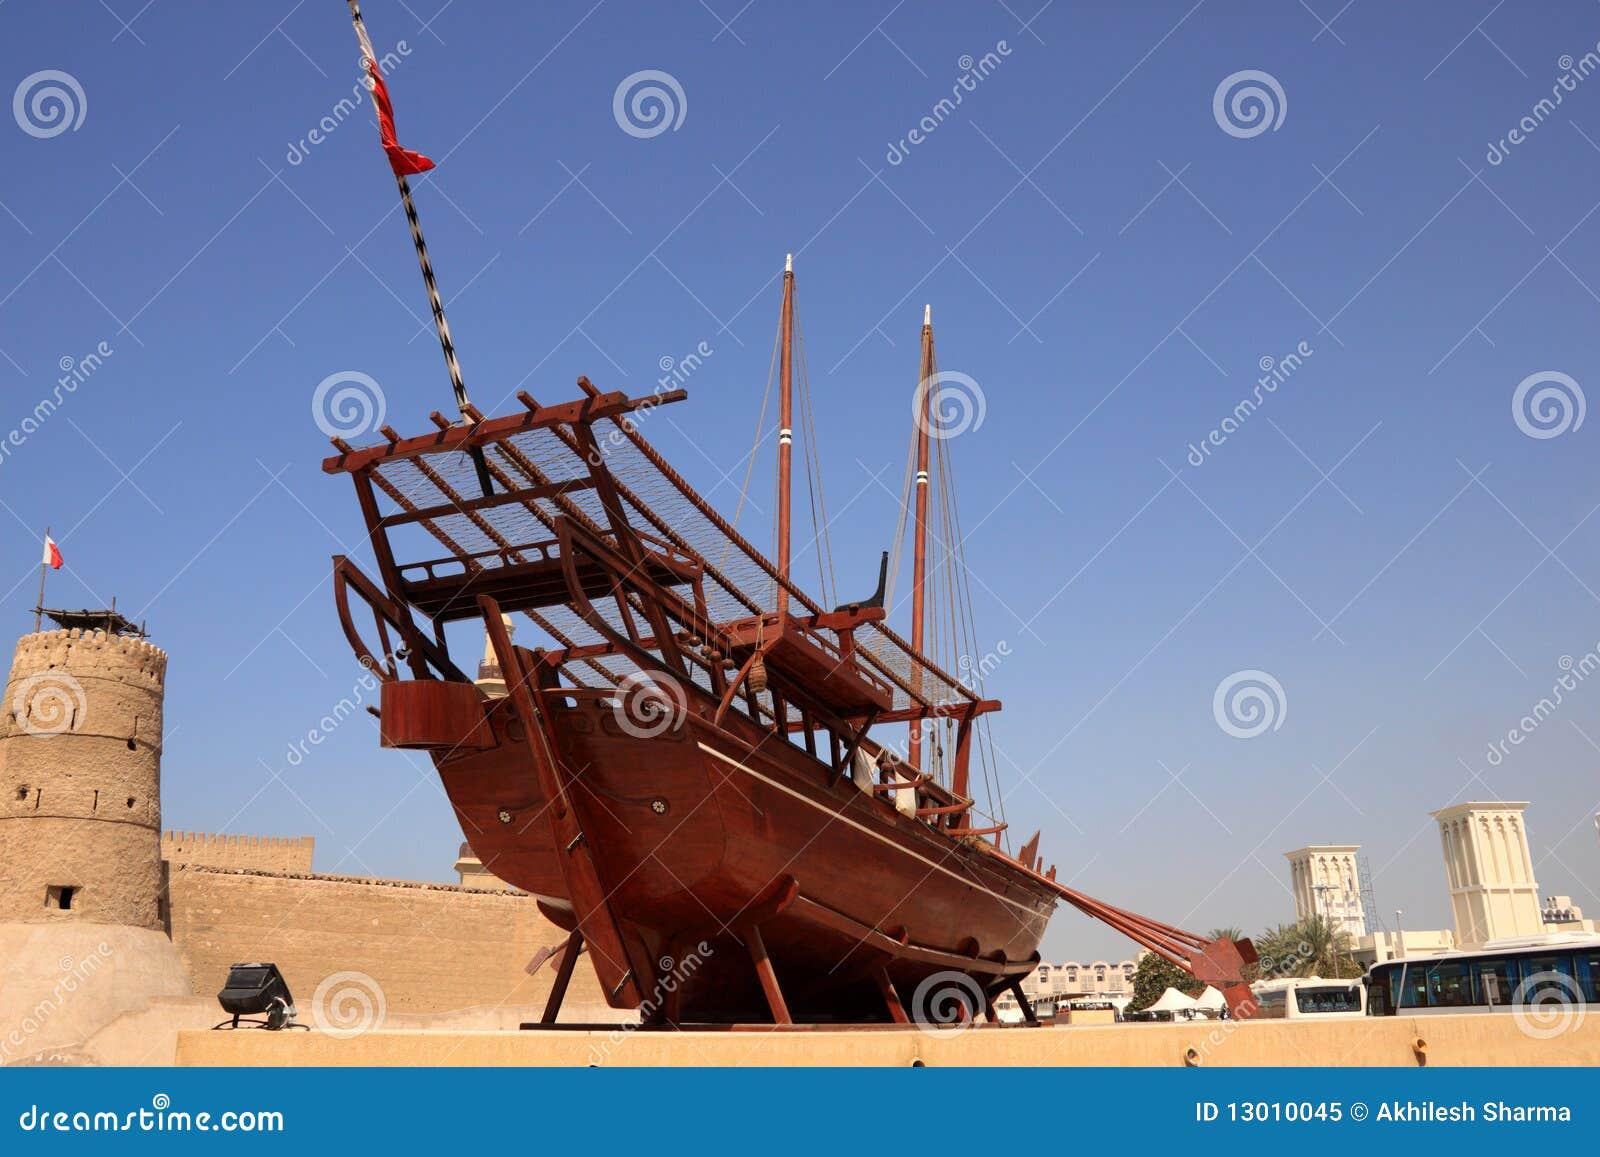 Barco viejo en el museo exterior de dubai de la visualización